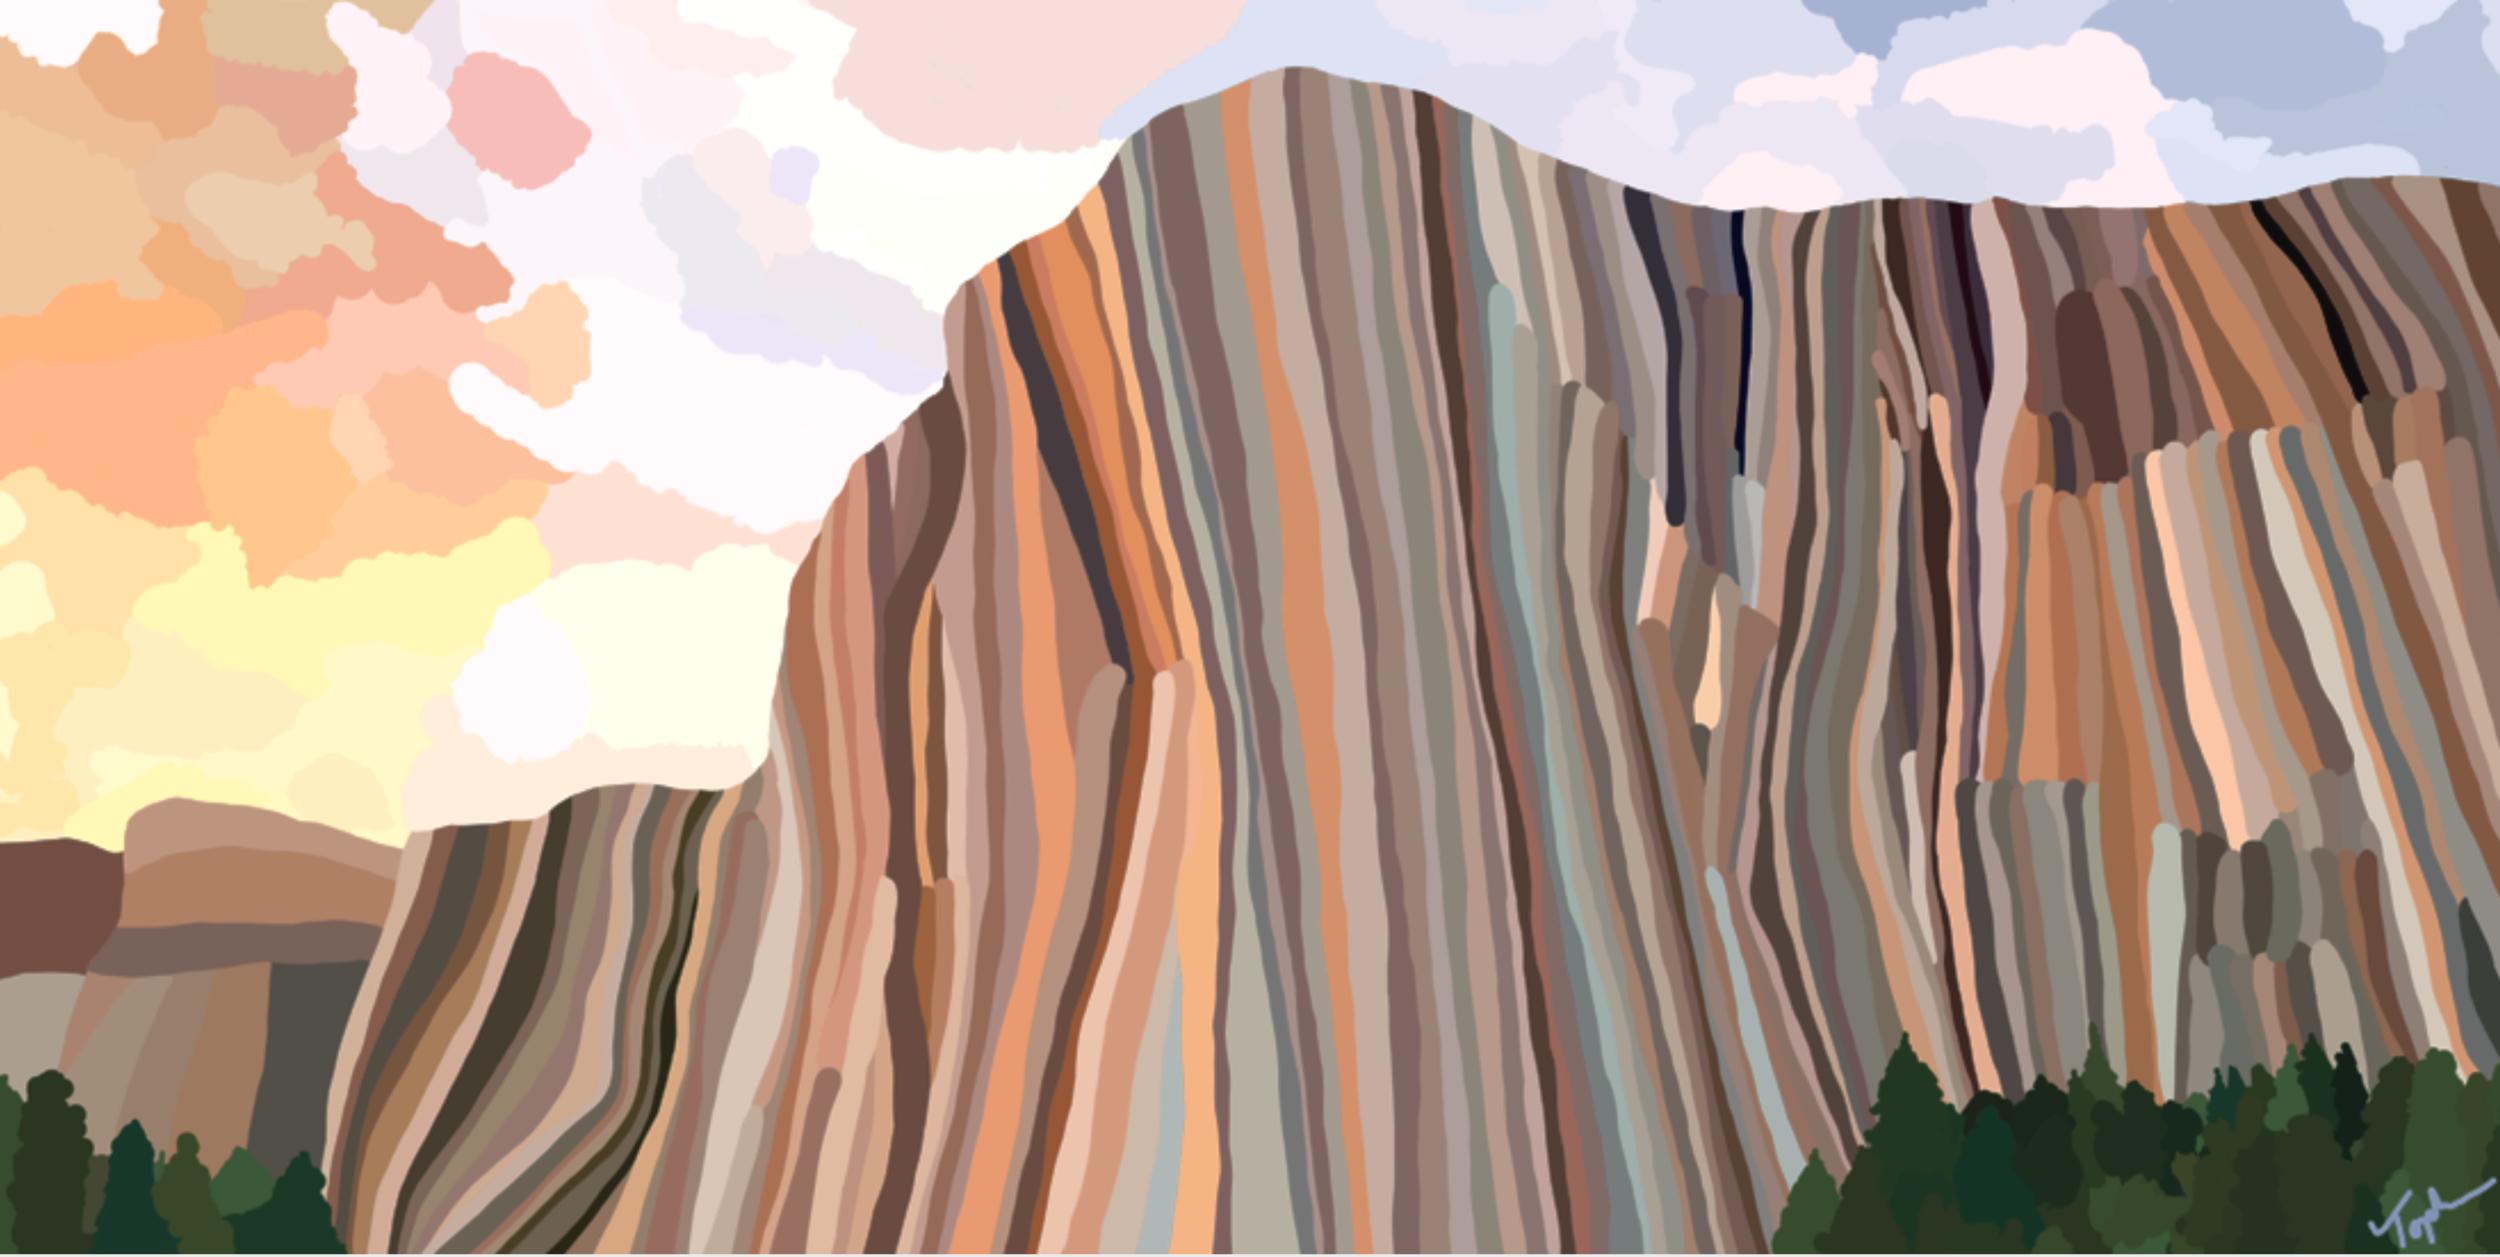 Yosemite National Park  , 2019  Dye Sublimation on Aluminum   ORIGINAL   |   LIMITED EDITION   |  SOUVENIR